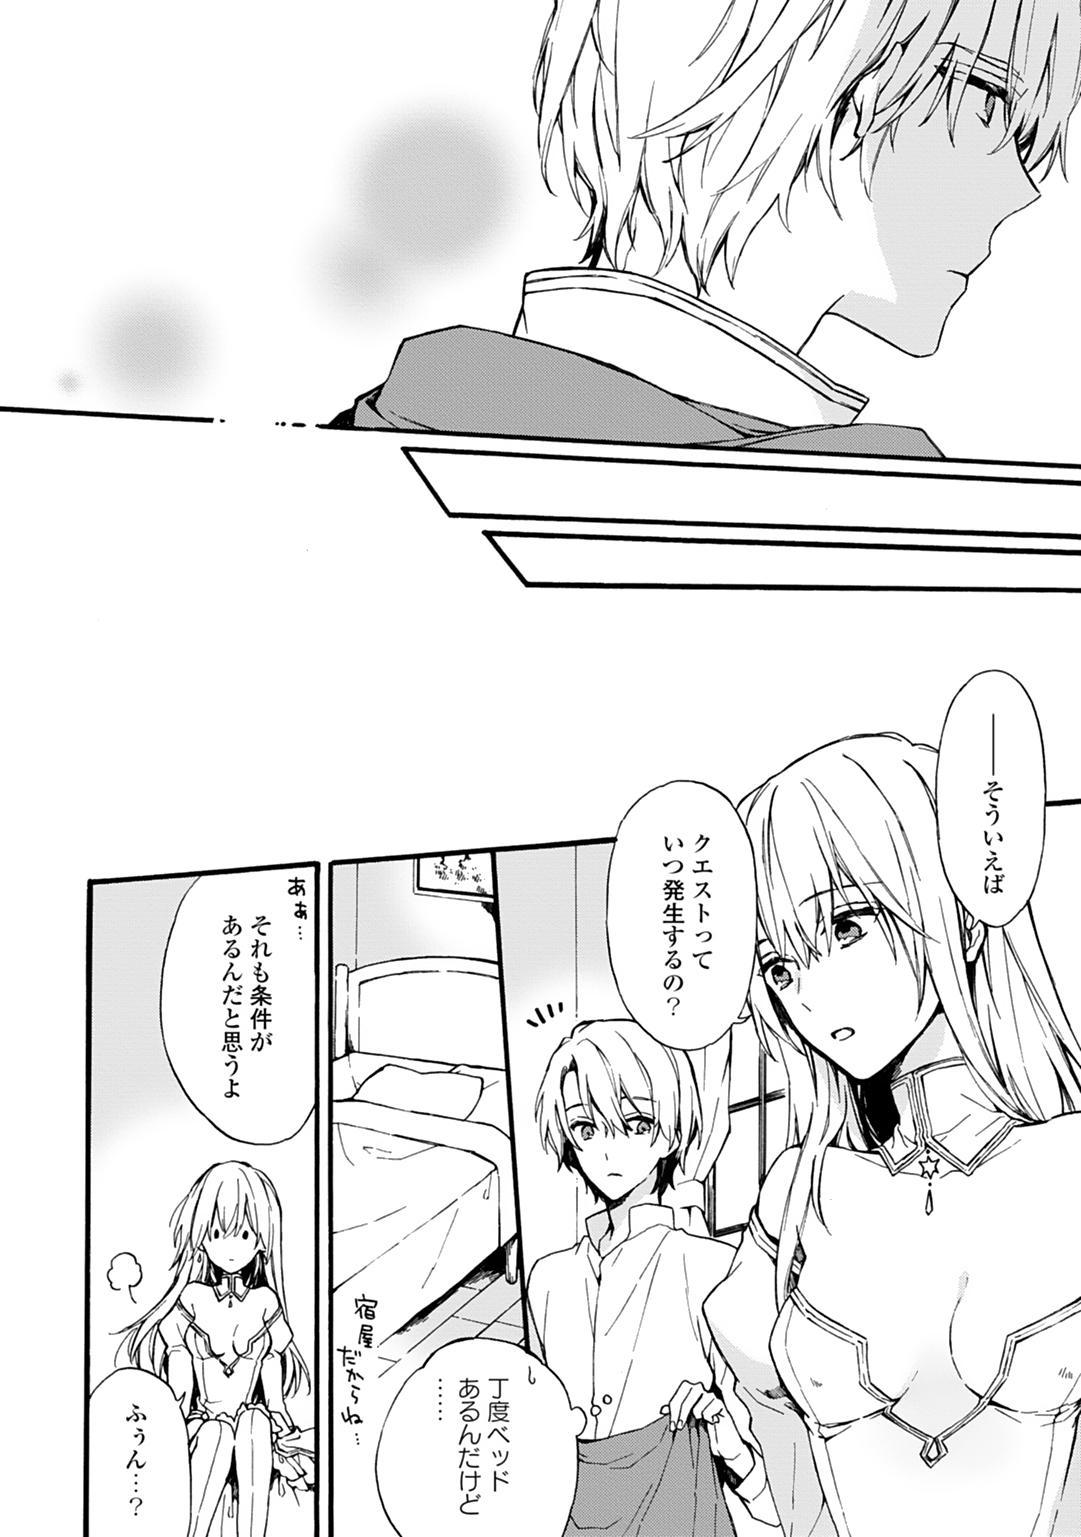 [Suzushiro Nerita] Otomege (18-kin) de Nyotaika shita Ore wa ~Clear Jouken wa Dekiai Ecchi!?~ 1-2 41